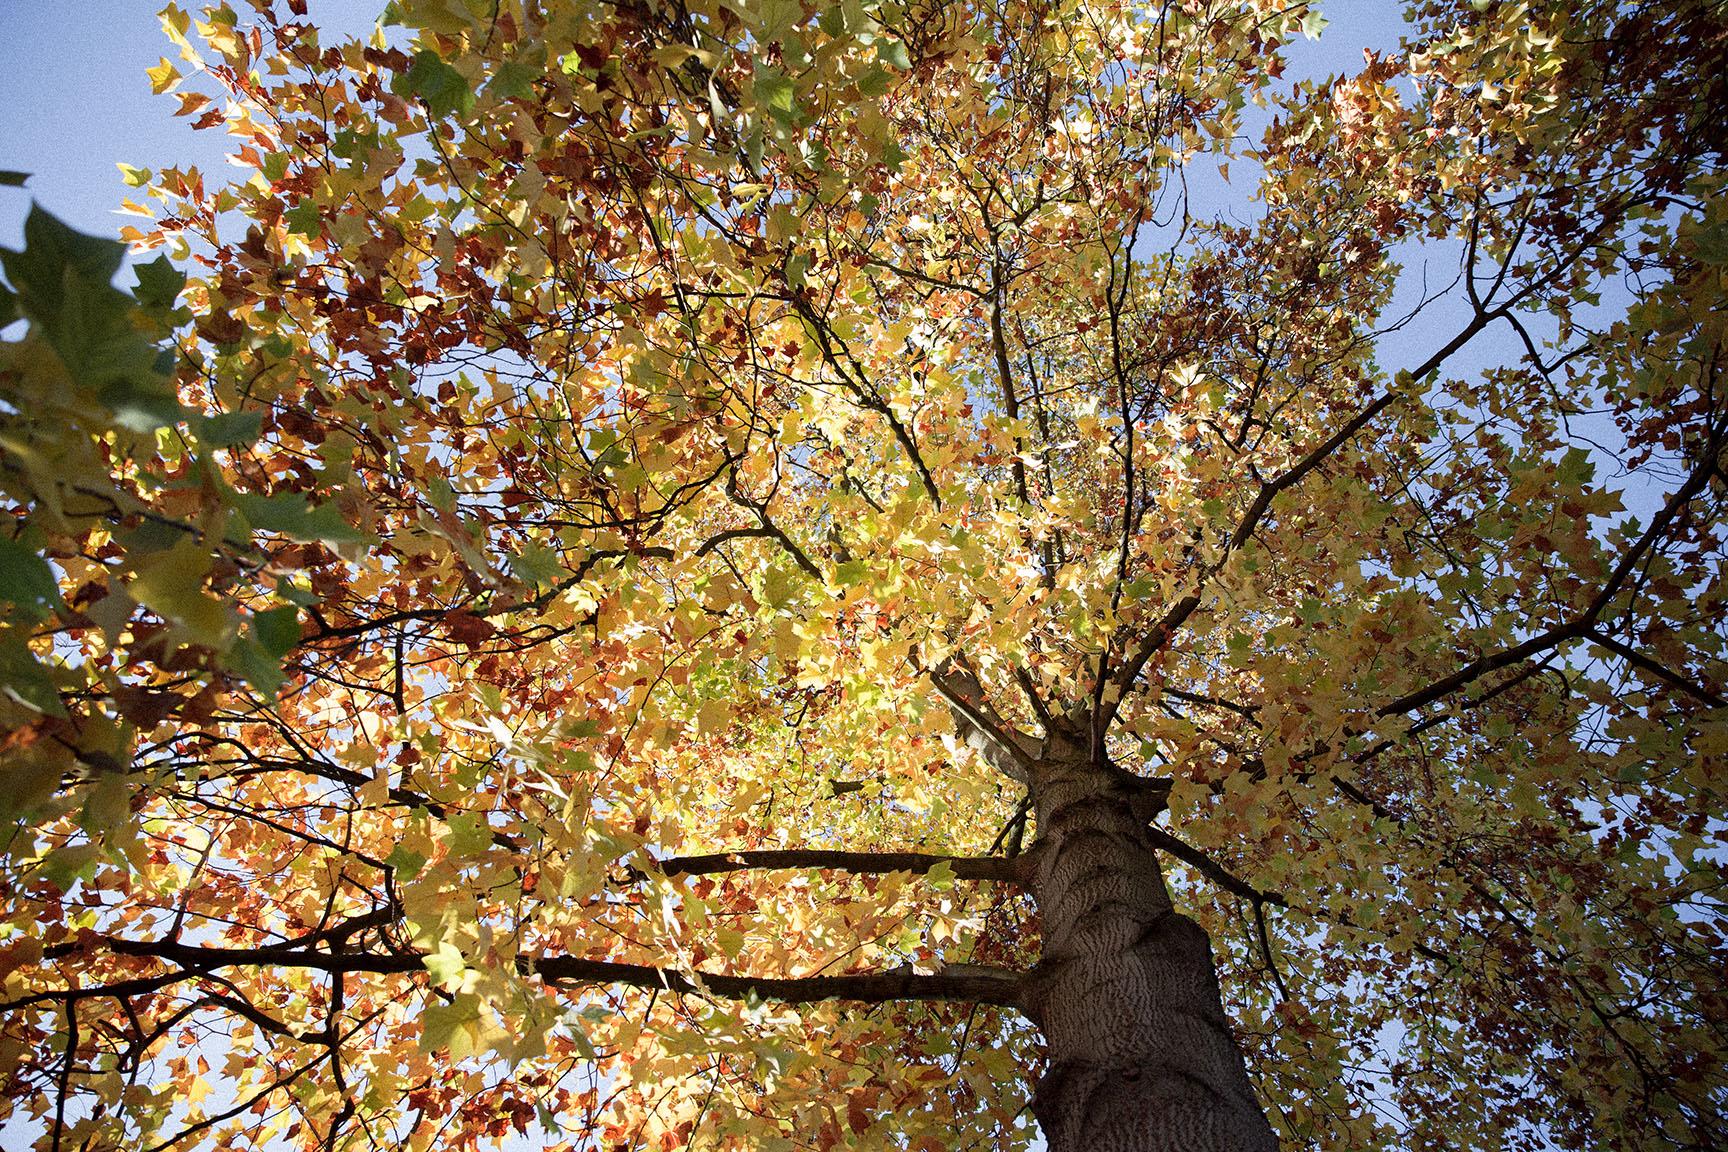 Jeder Tag ein anderer Herbst